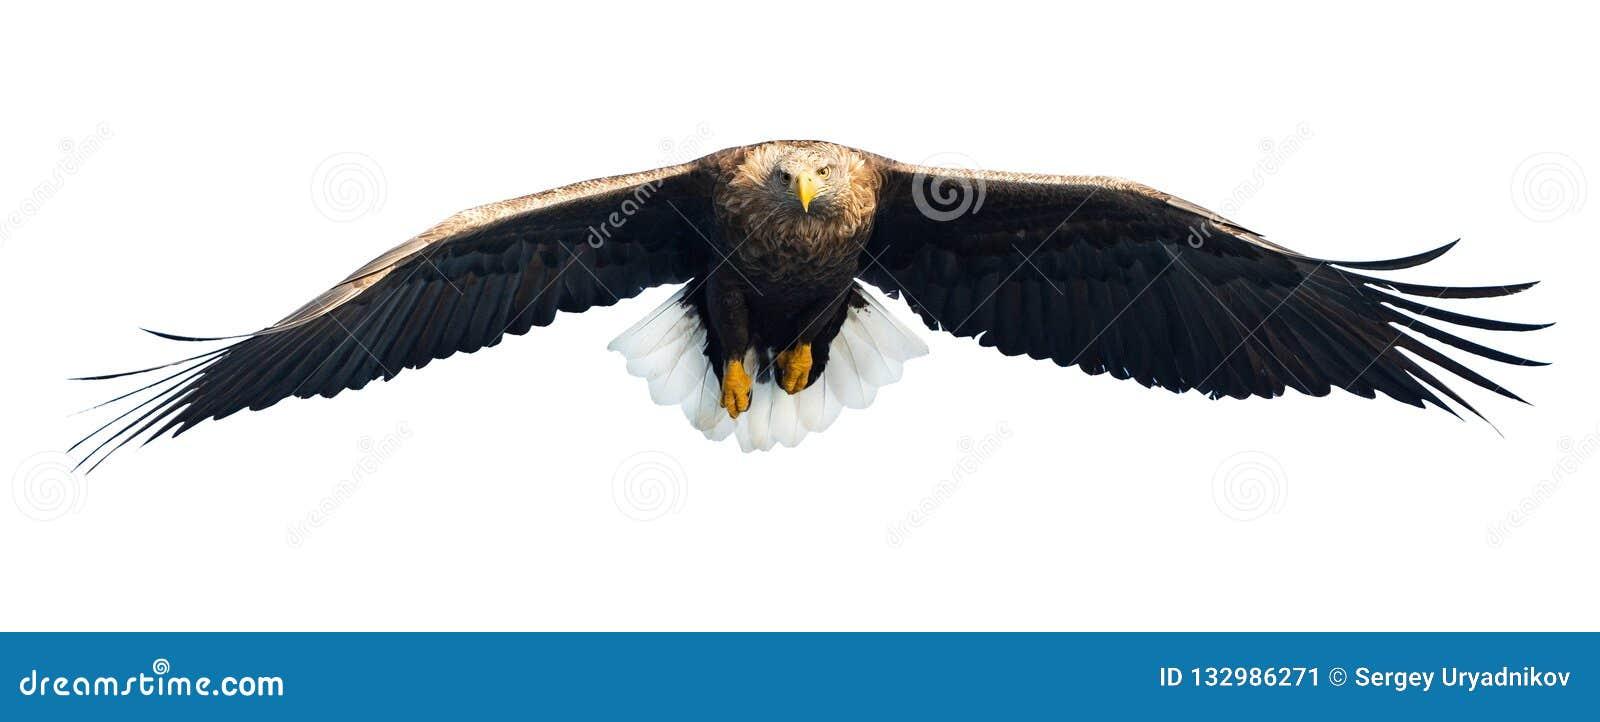 Aquila dalla coda bianca adulta in volo Front View Isolato su priorità bassa bianca